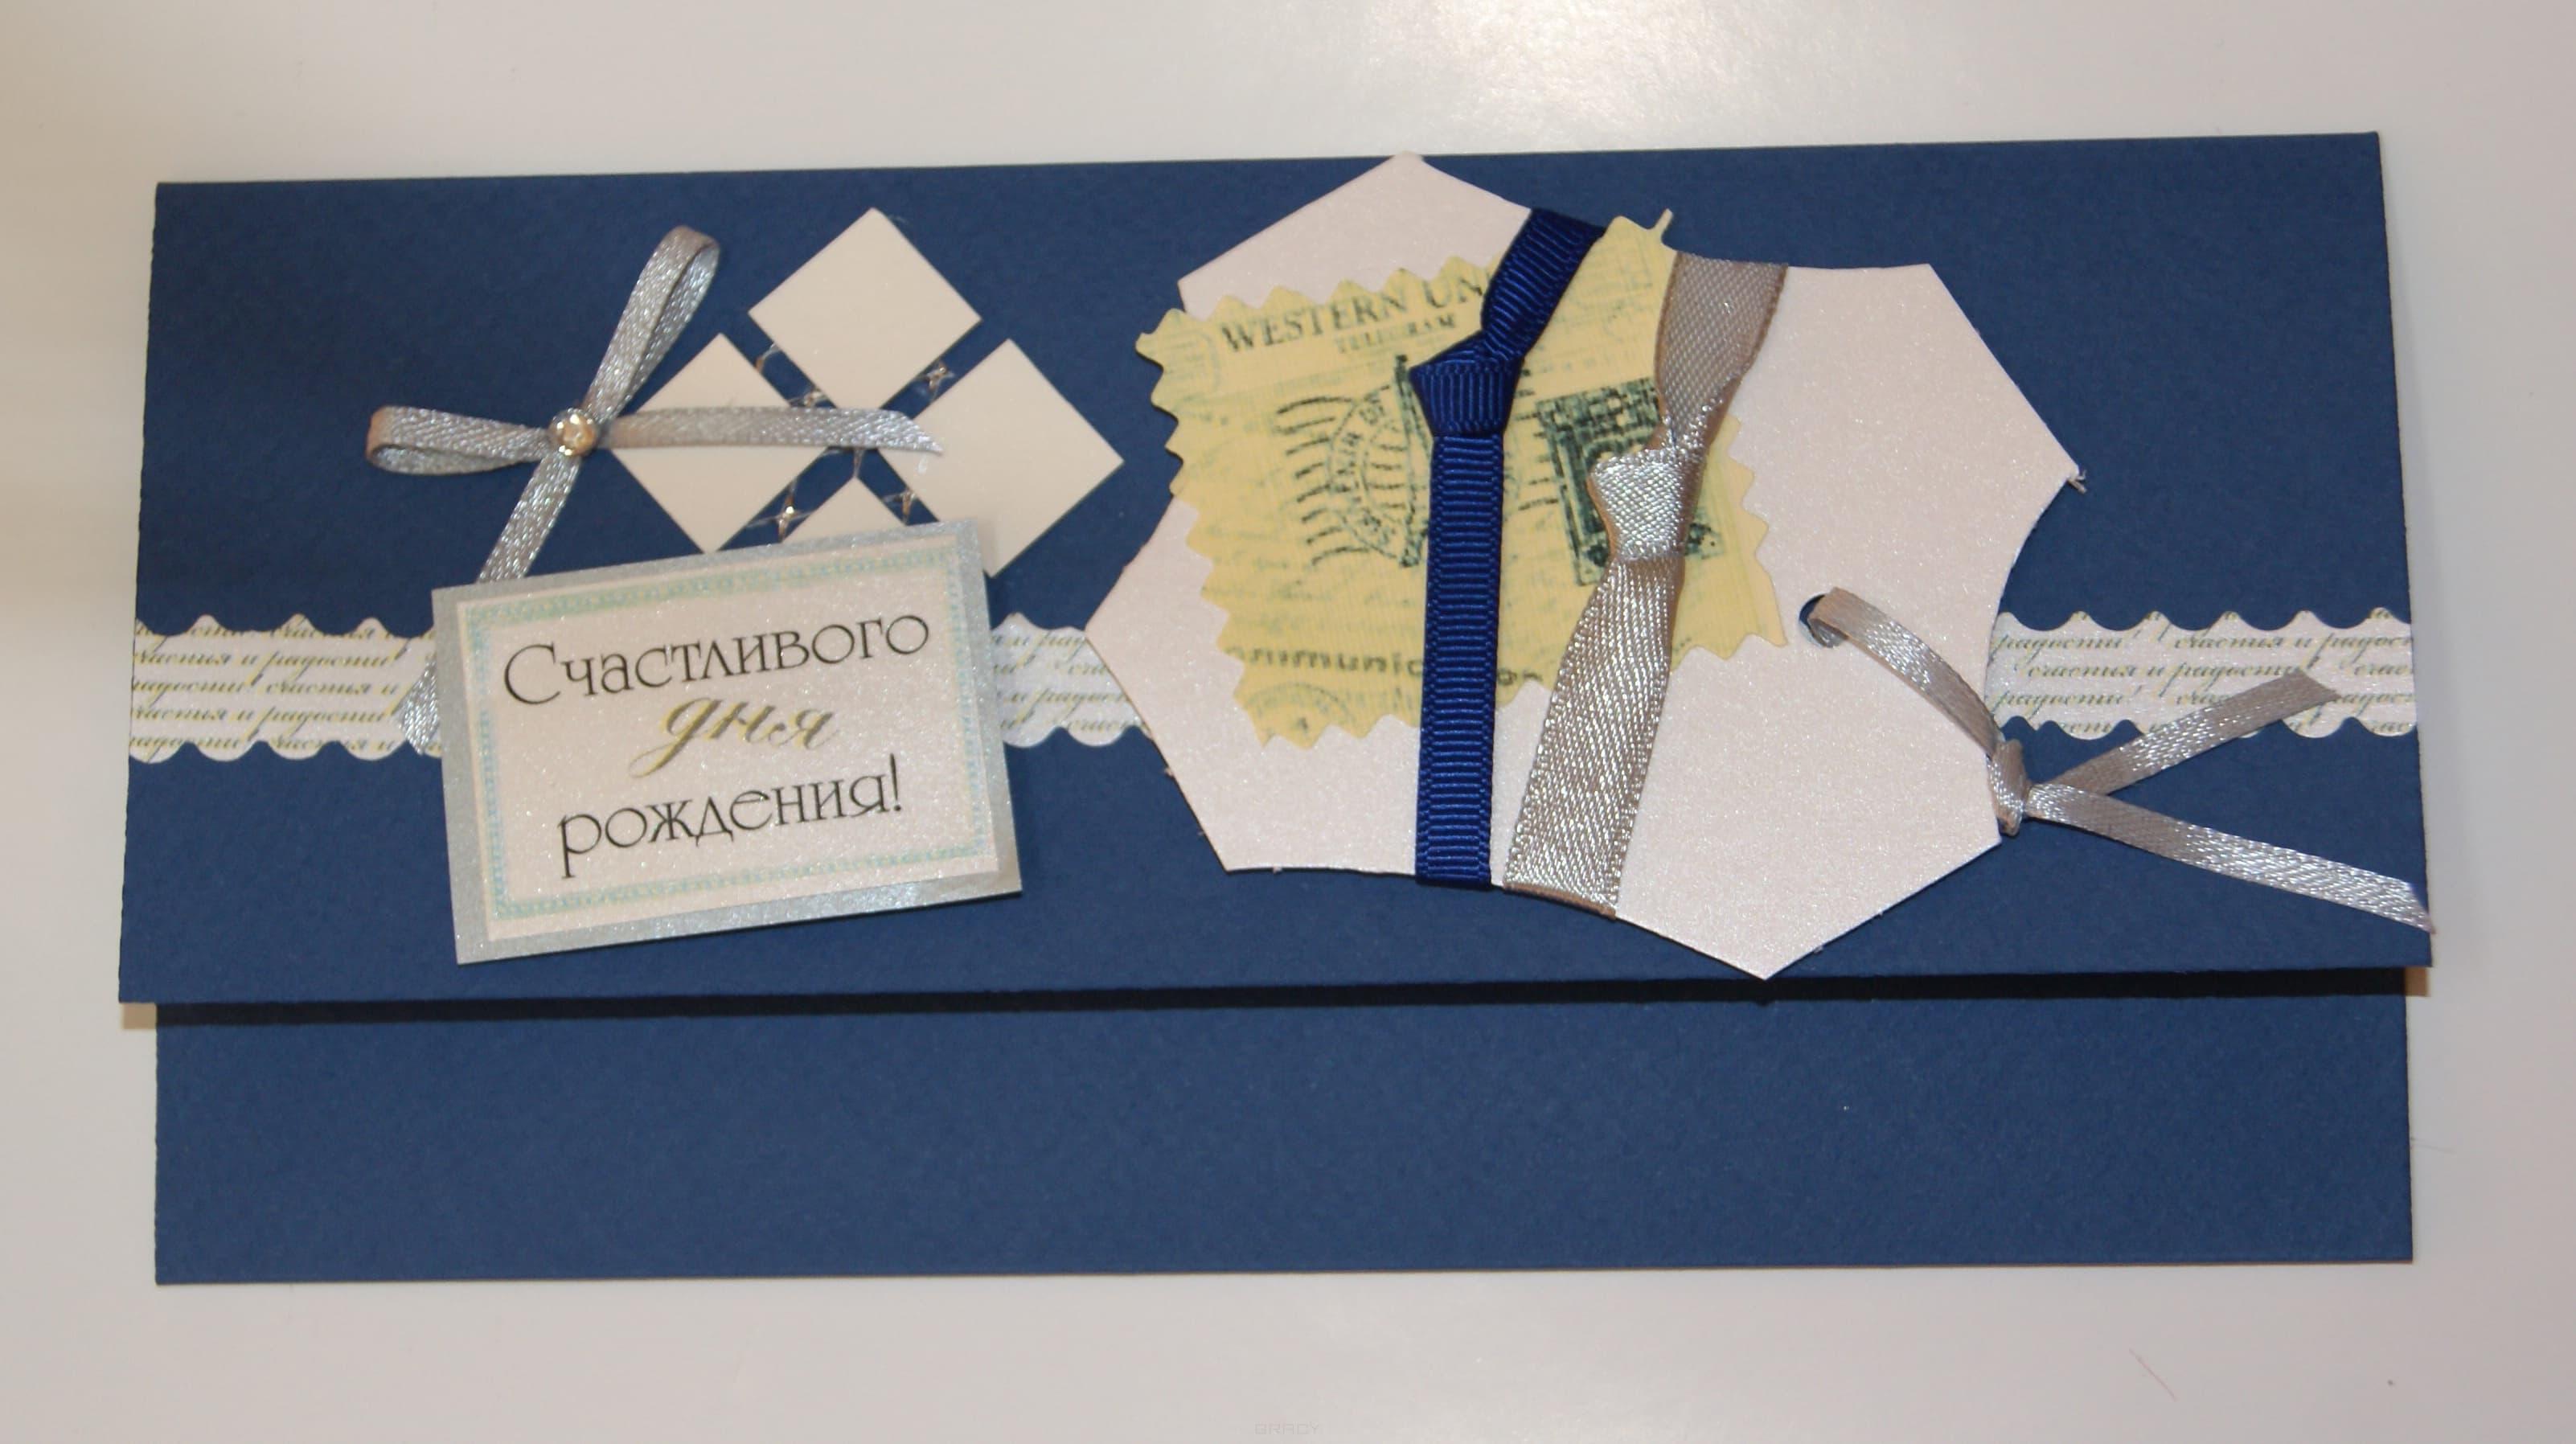 Конверт Счастливого Дня Рождения синий, 20х10 смКонверт ручной работы выполнен из дизайнерского картона, атласных лент и аксессуаров. Комплектация: конверт, поздравительный текст, упаковочный пакет. Размер в см. 10х20<br>